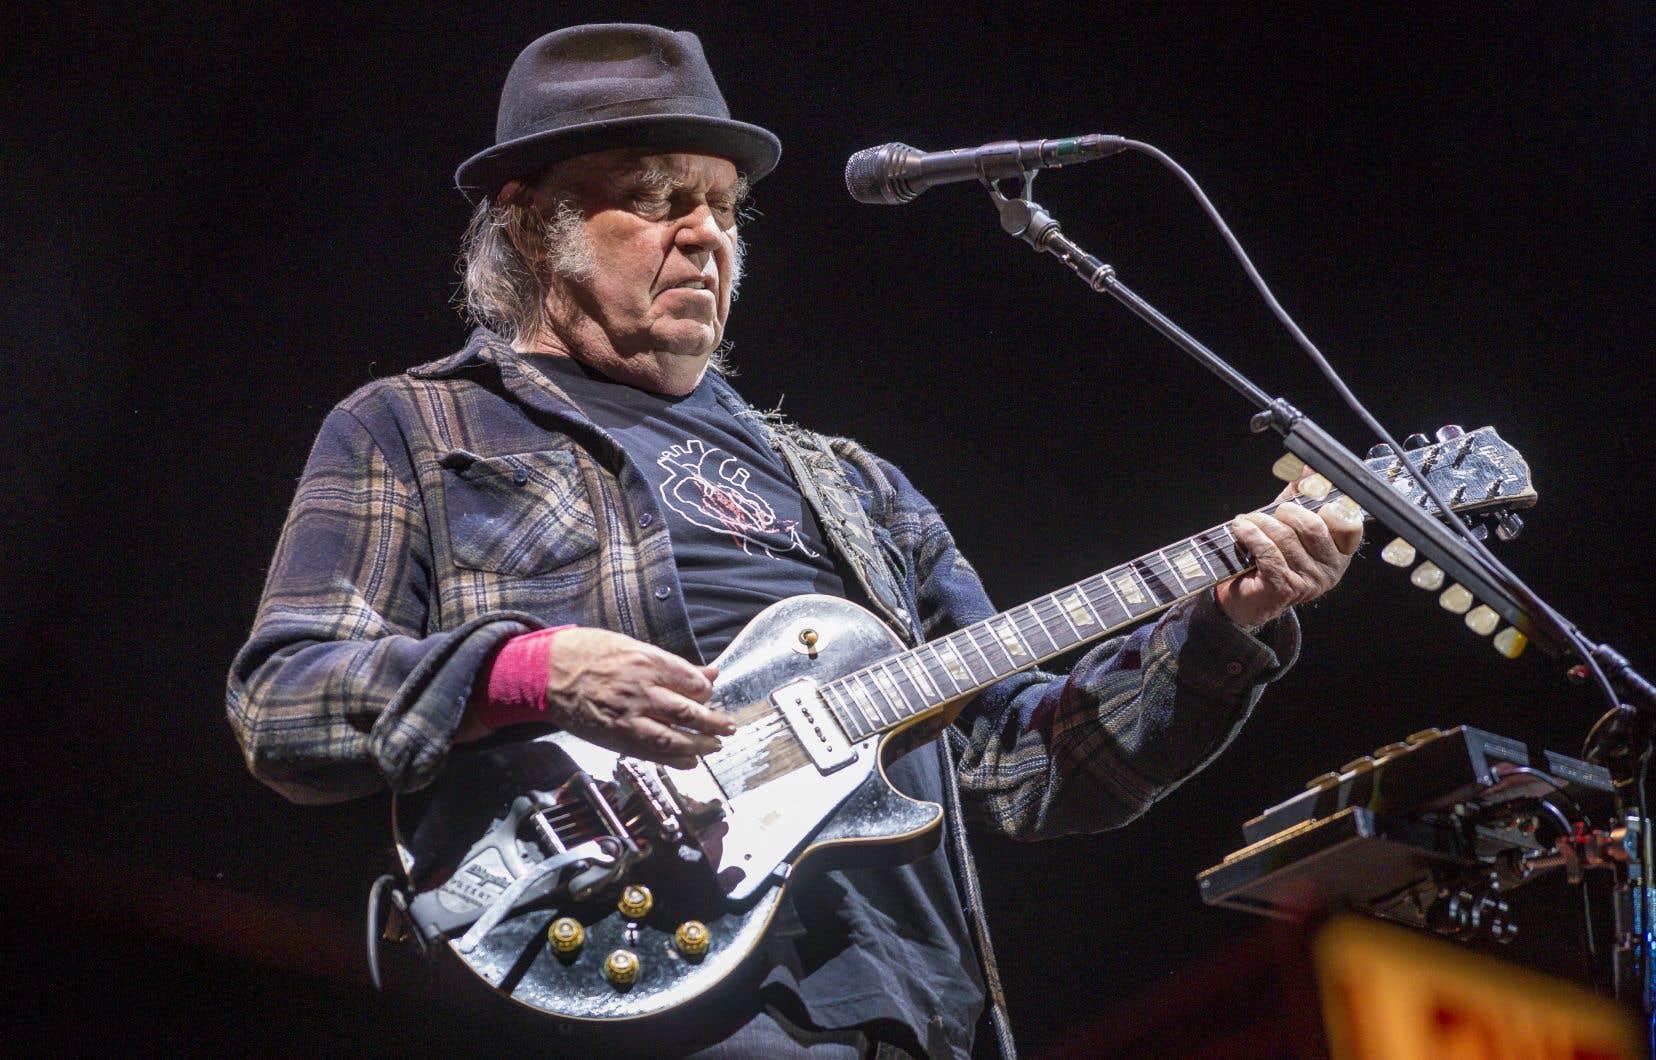 Neil Young a semblé s'amuser ferme avec l'orchestre Promise of the Real vendredi soir au Festival d'été de Québec.